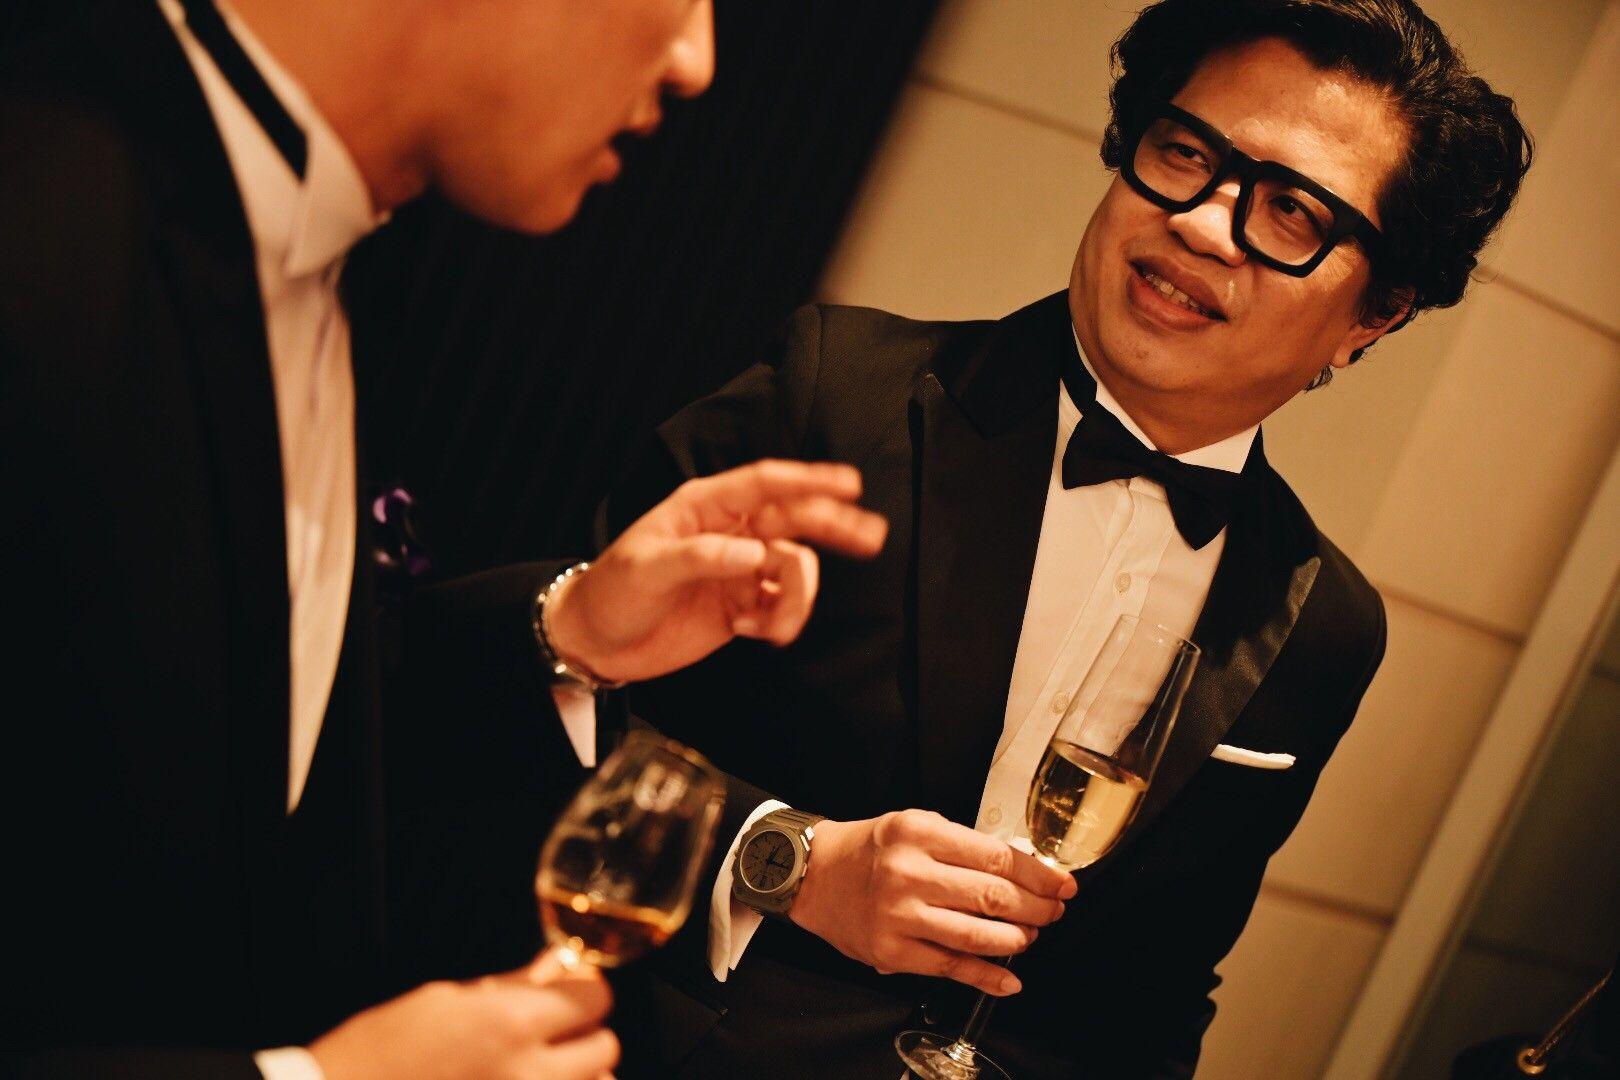 2019 Taiwan Tatler Award 5位優秀得獎者!貢獻台灣良多,深具時代價值